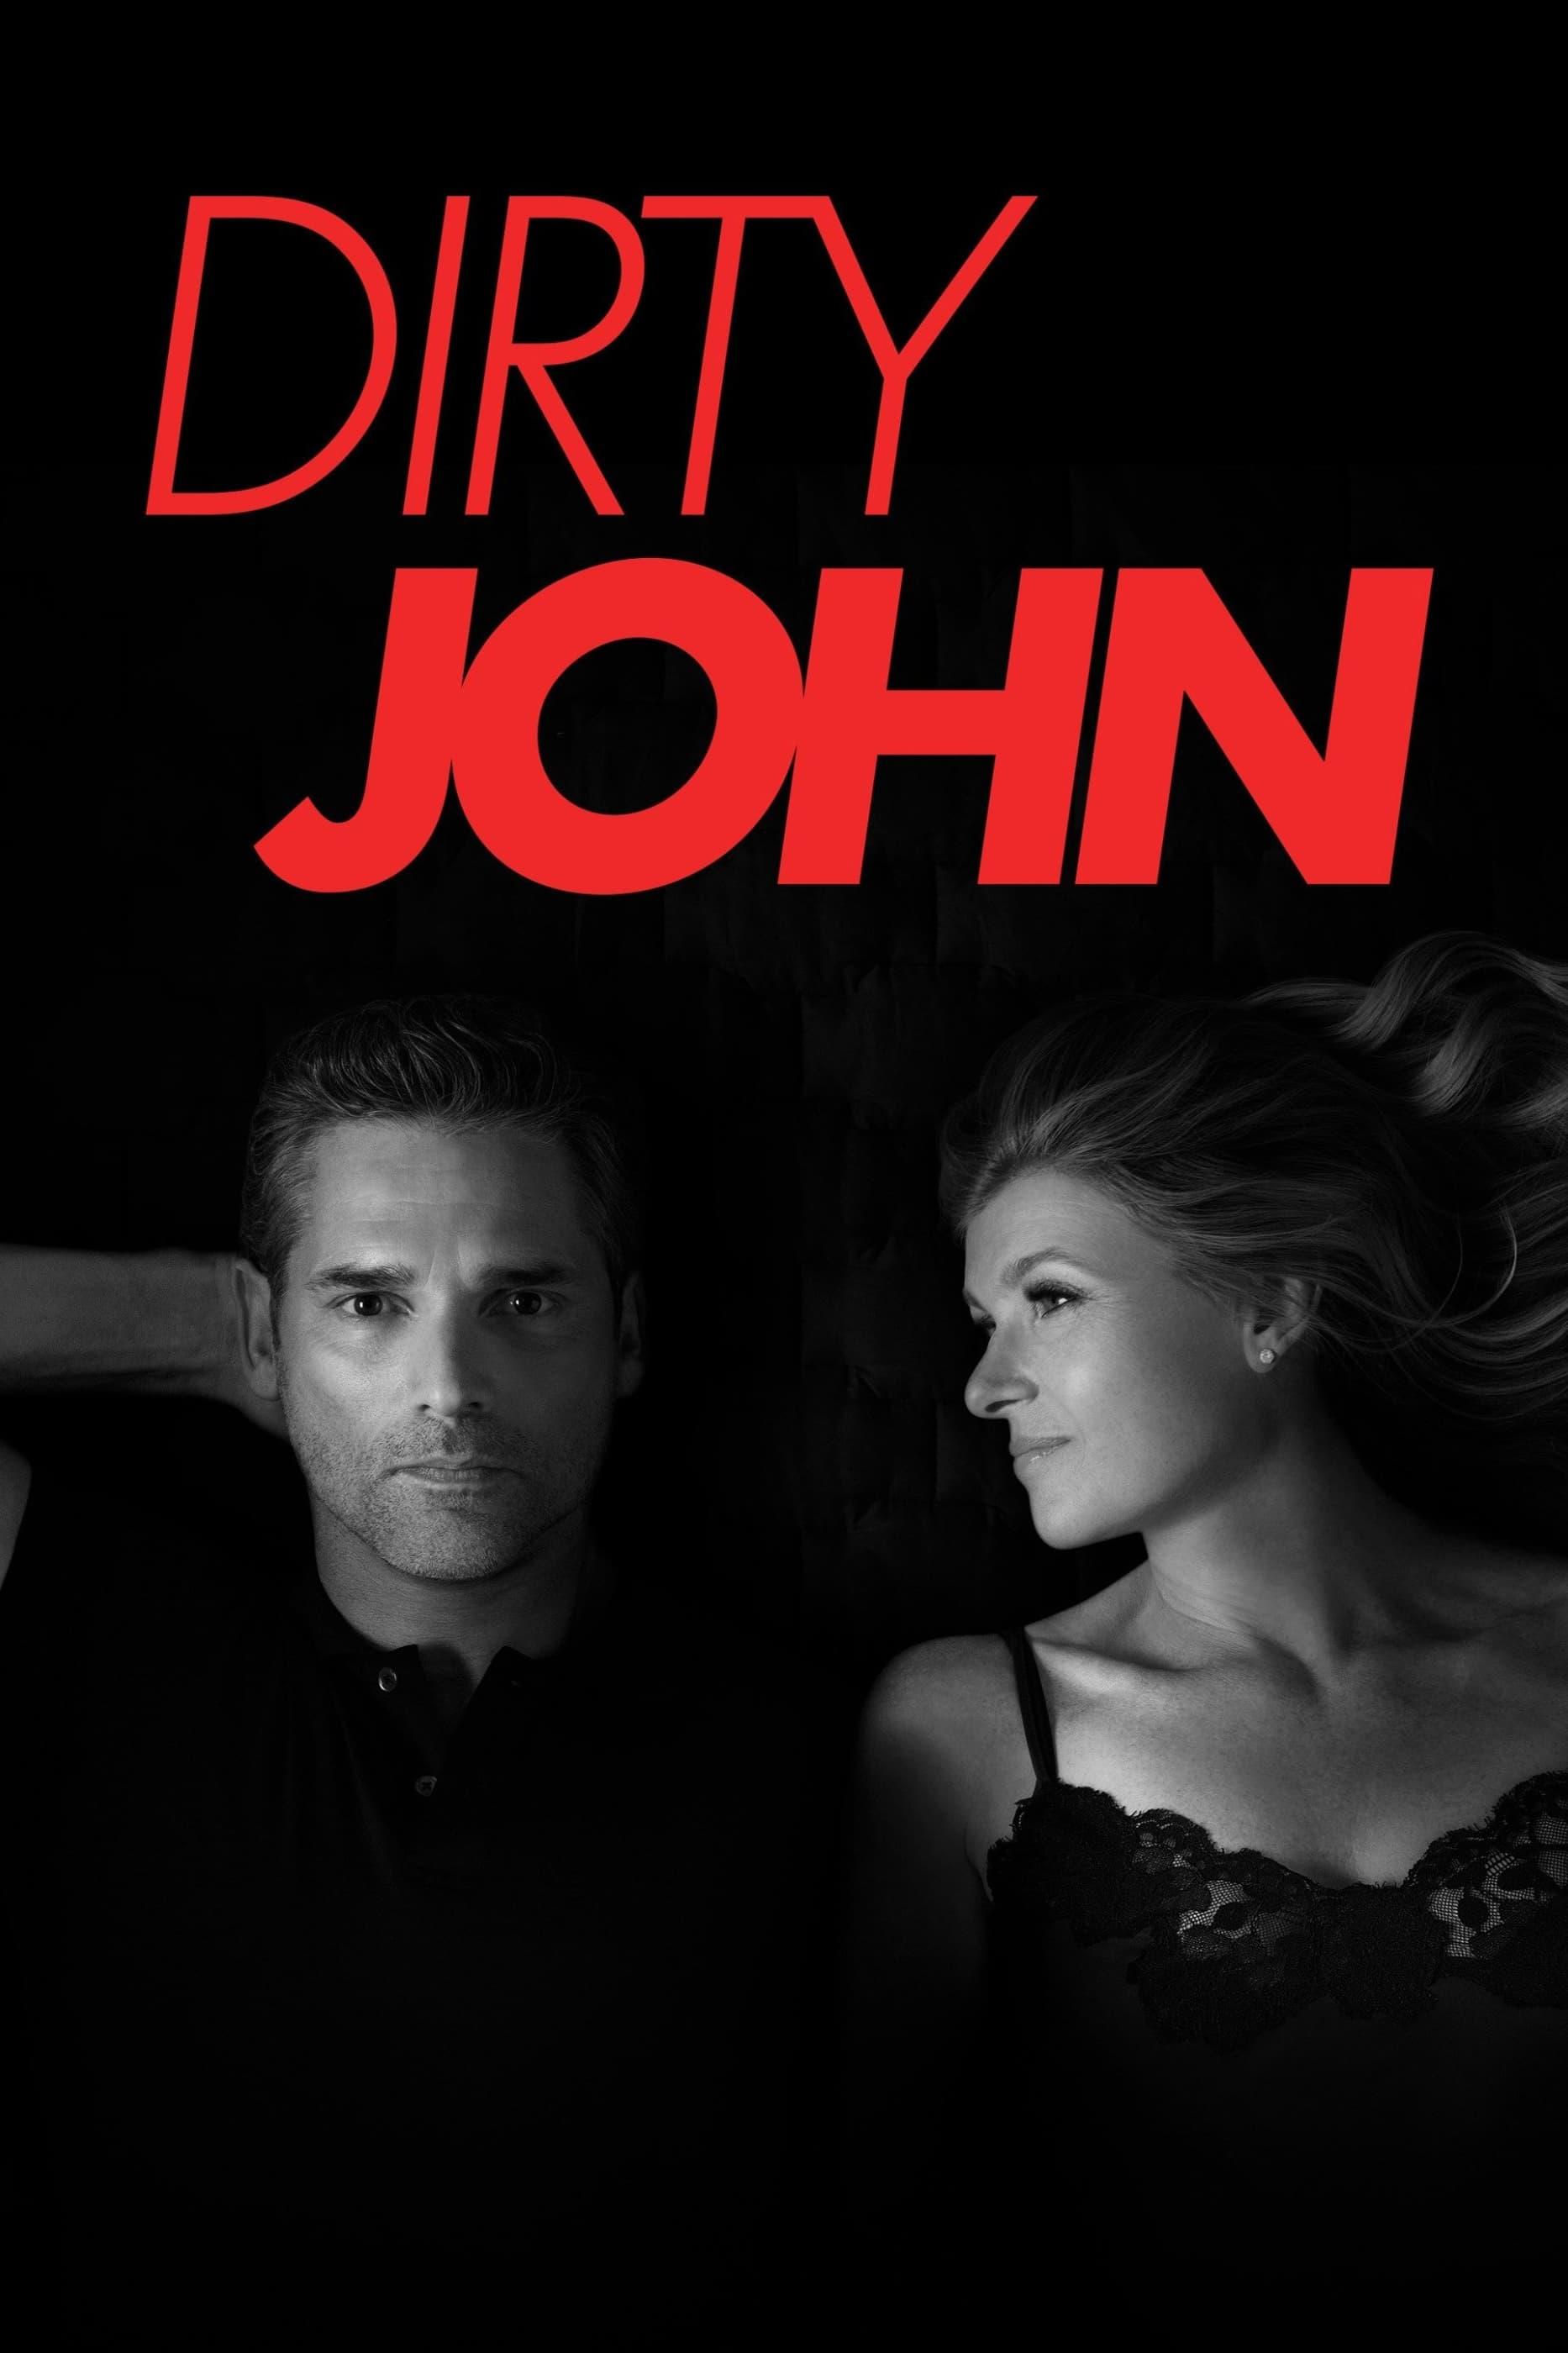 მატყუარა ჯონი / Dirty John